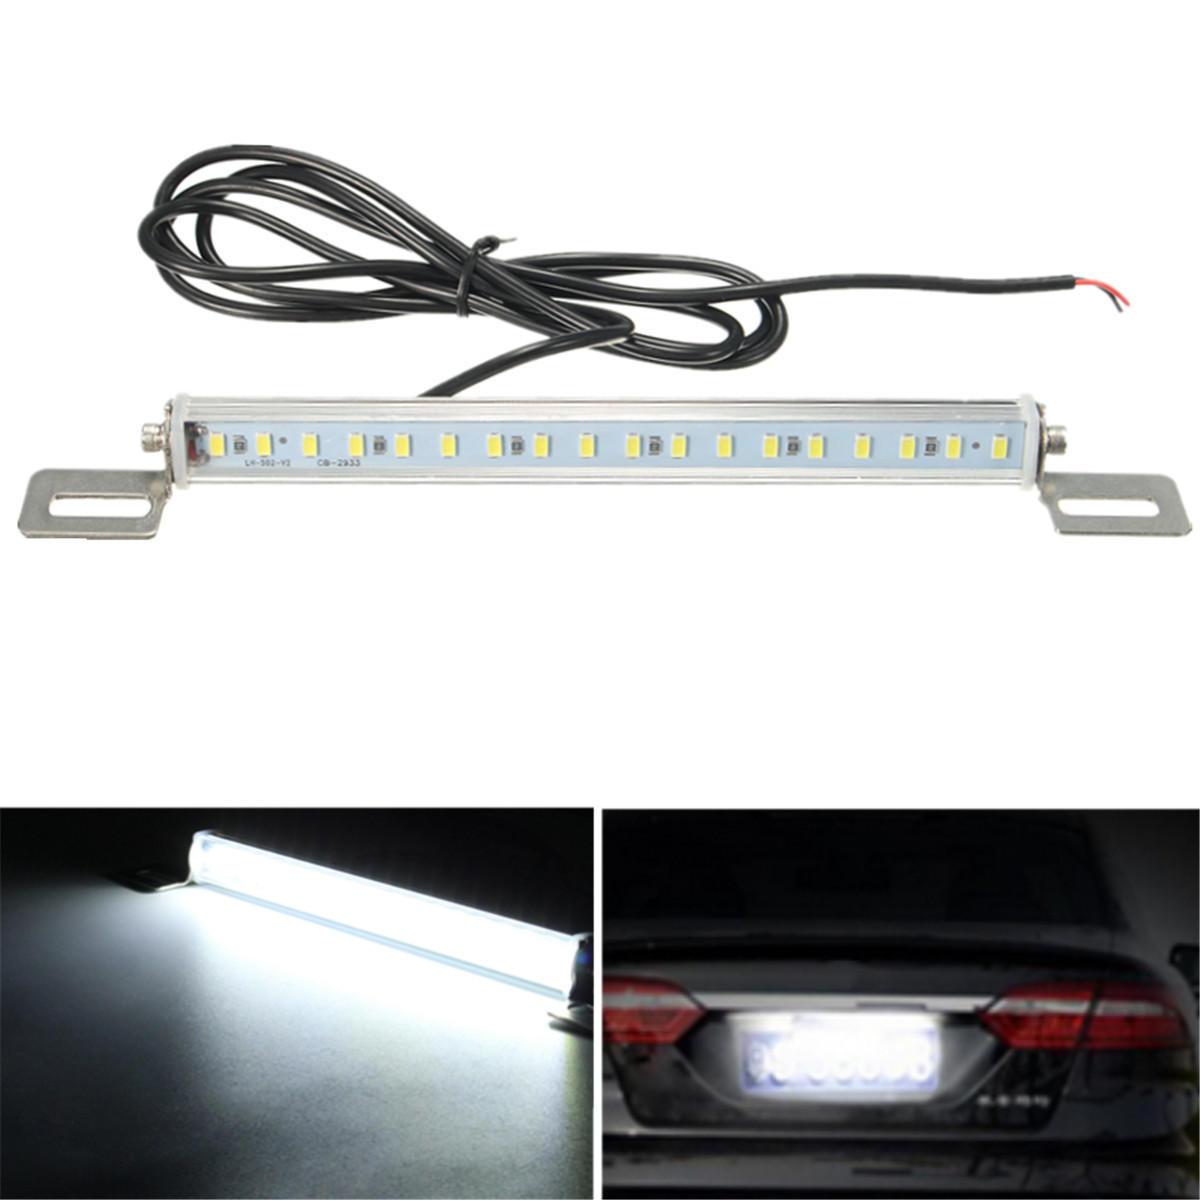 Evrensel Araba 12V 18 SMD 5730 LED Lisans Kap Açık Beyaz Geri Döndürme